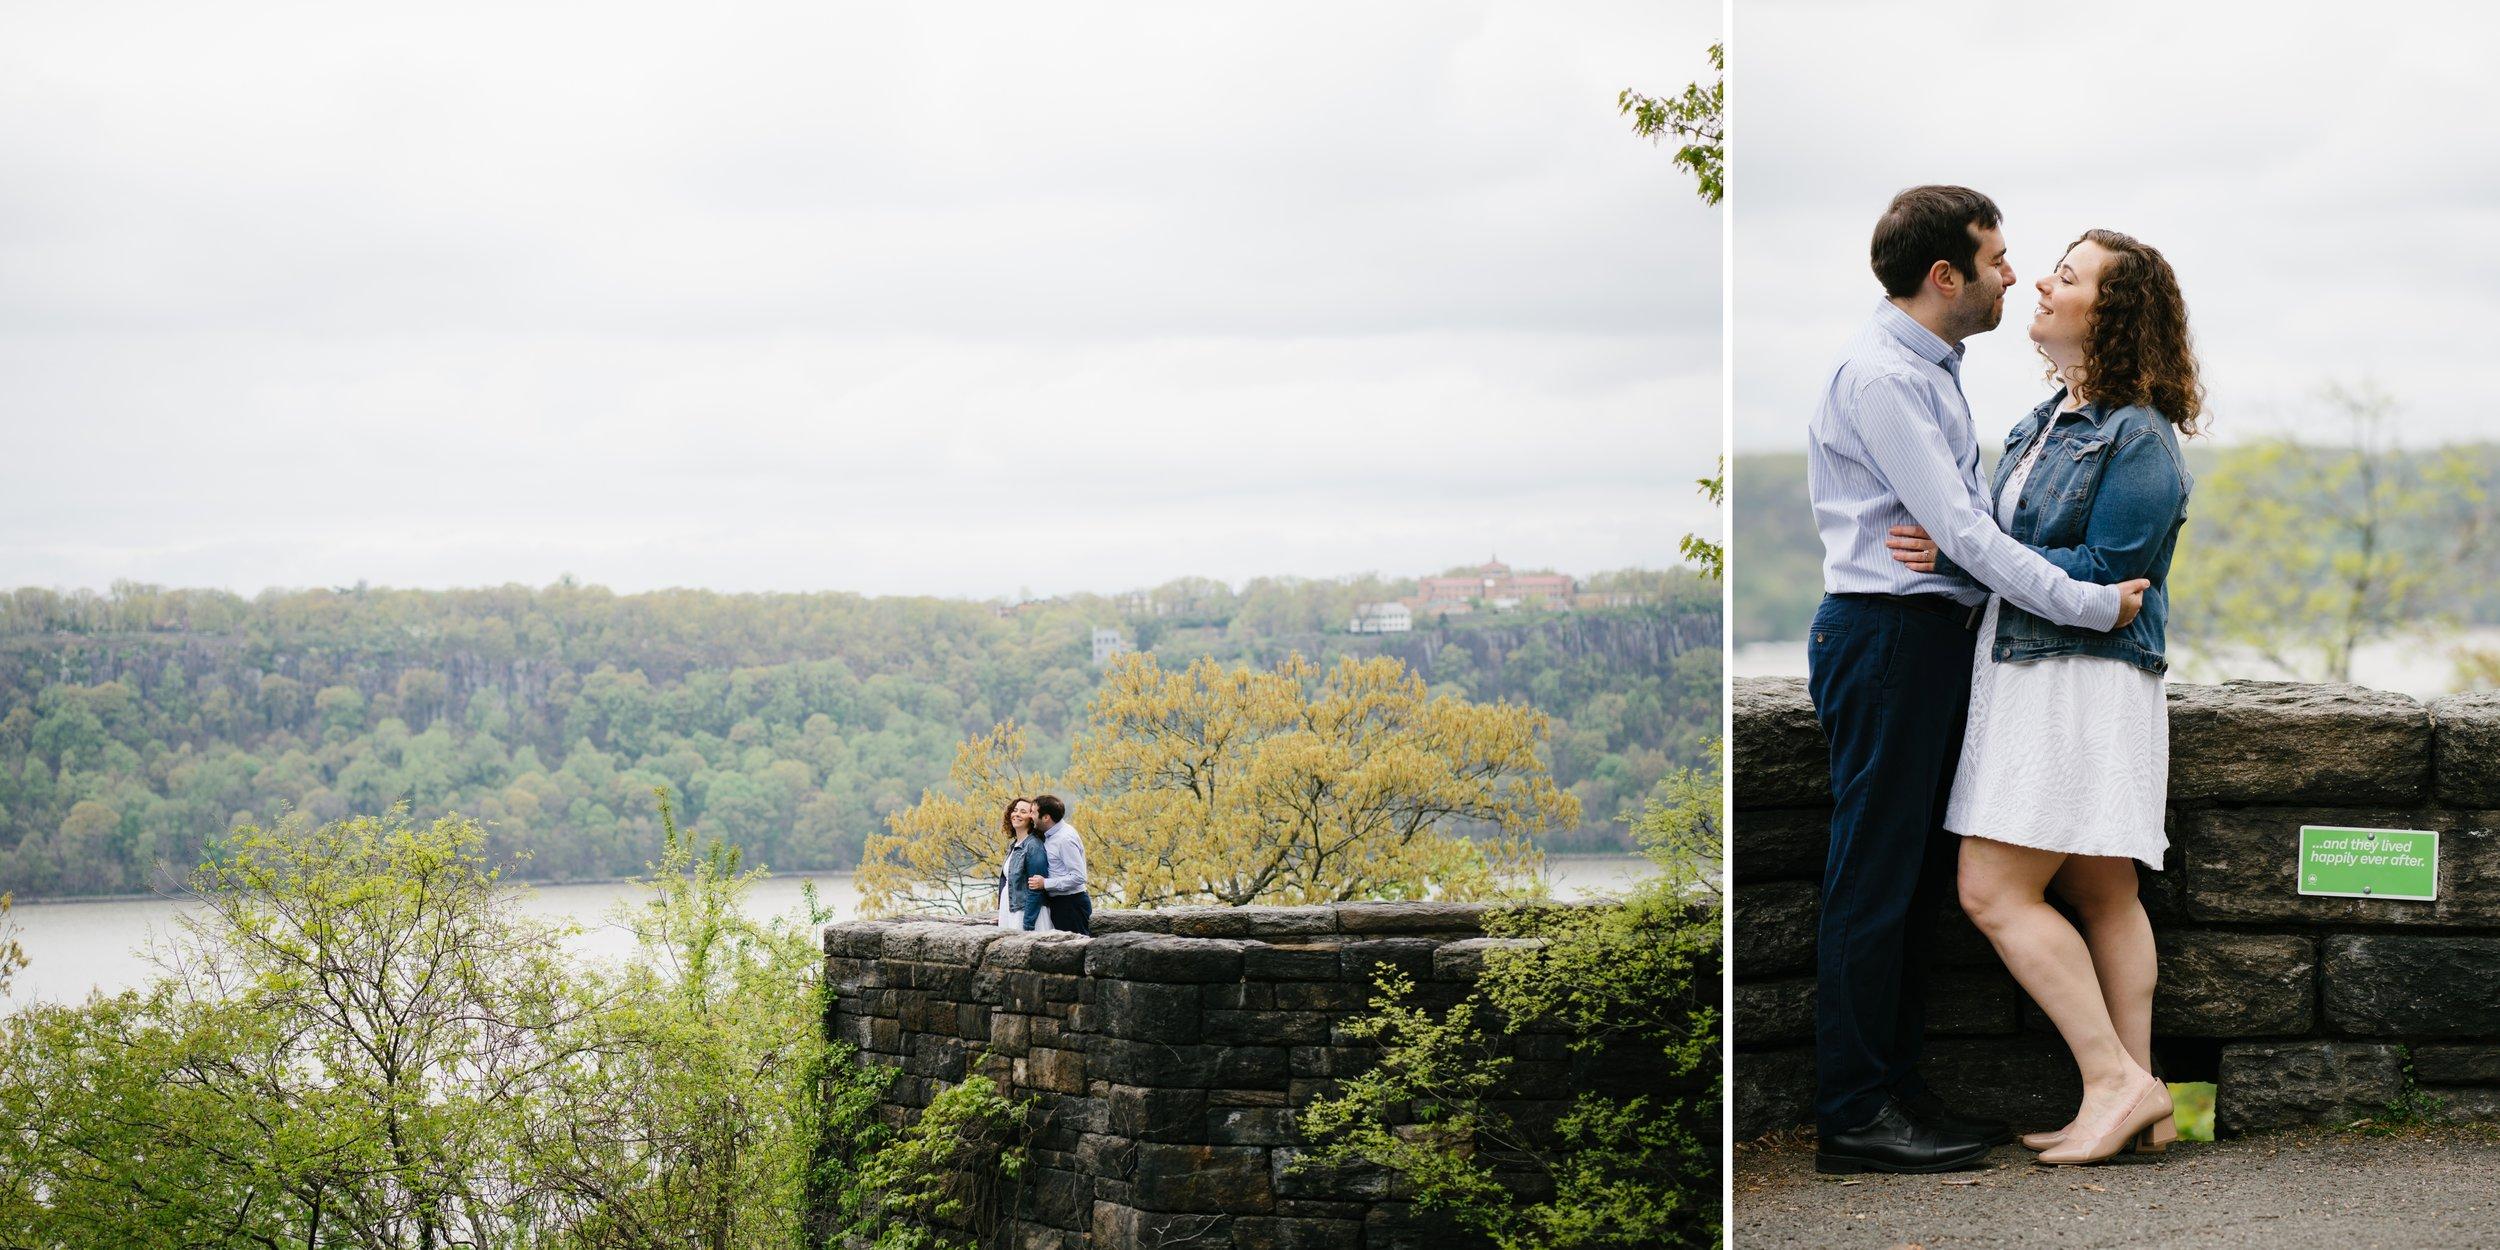 NYC wedding photographer - engagement session